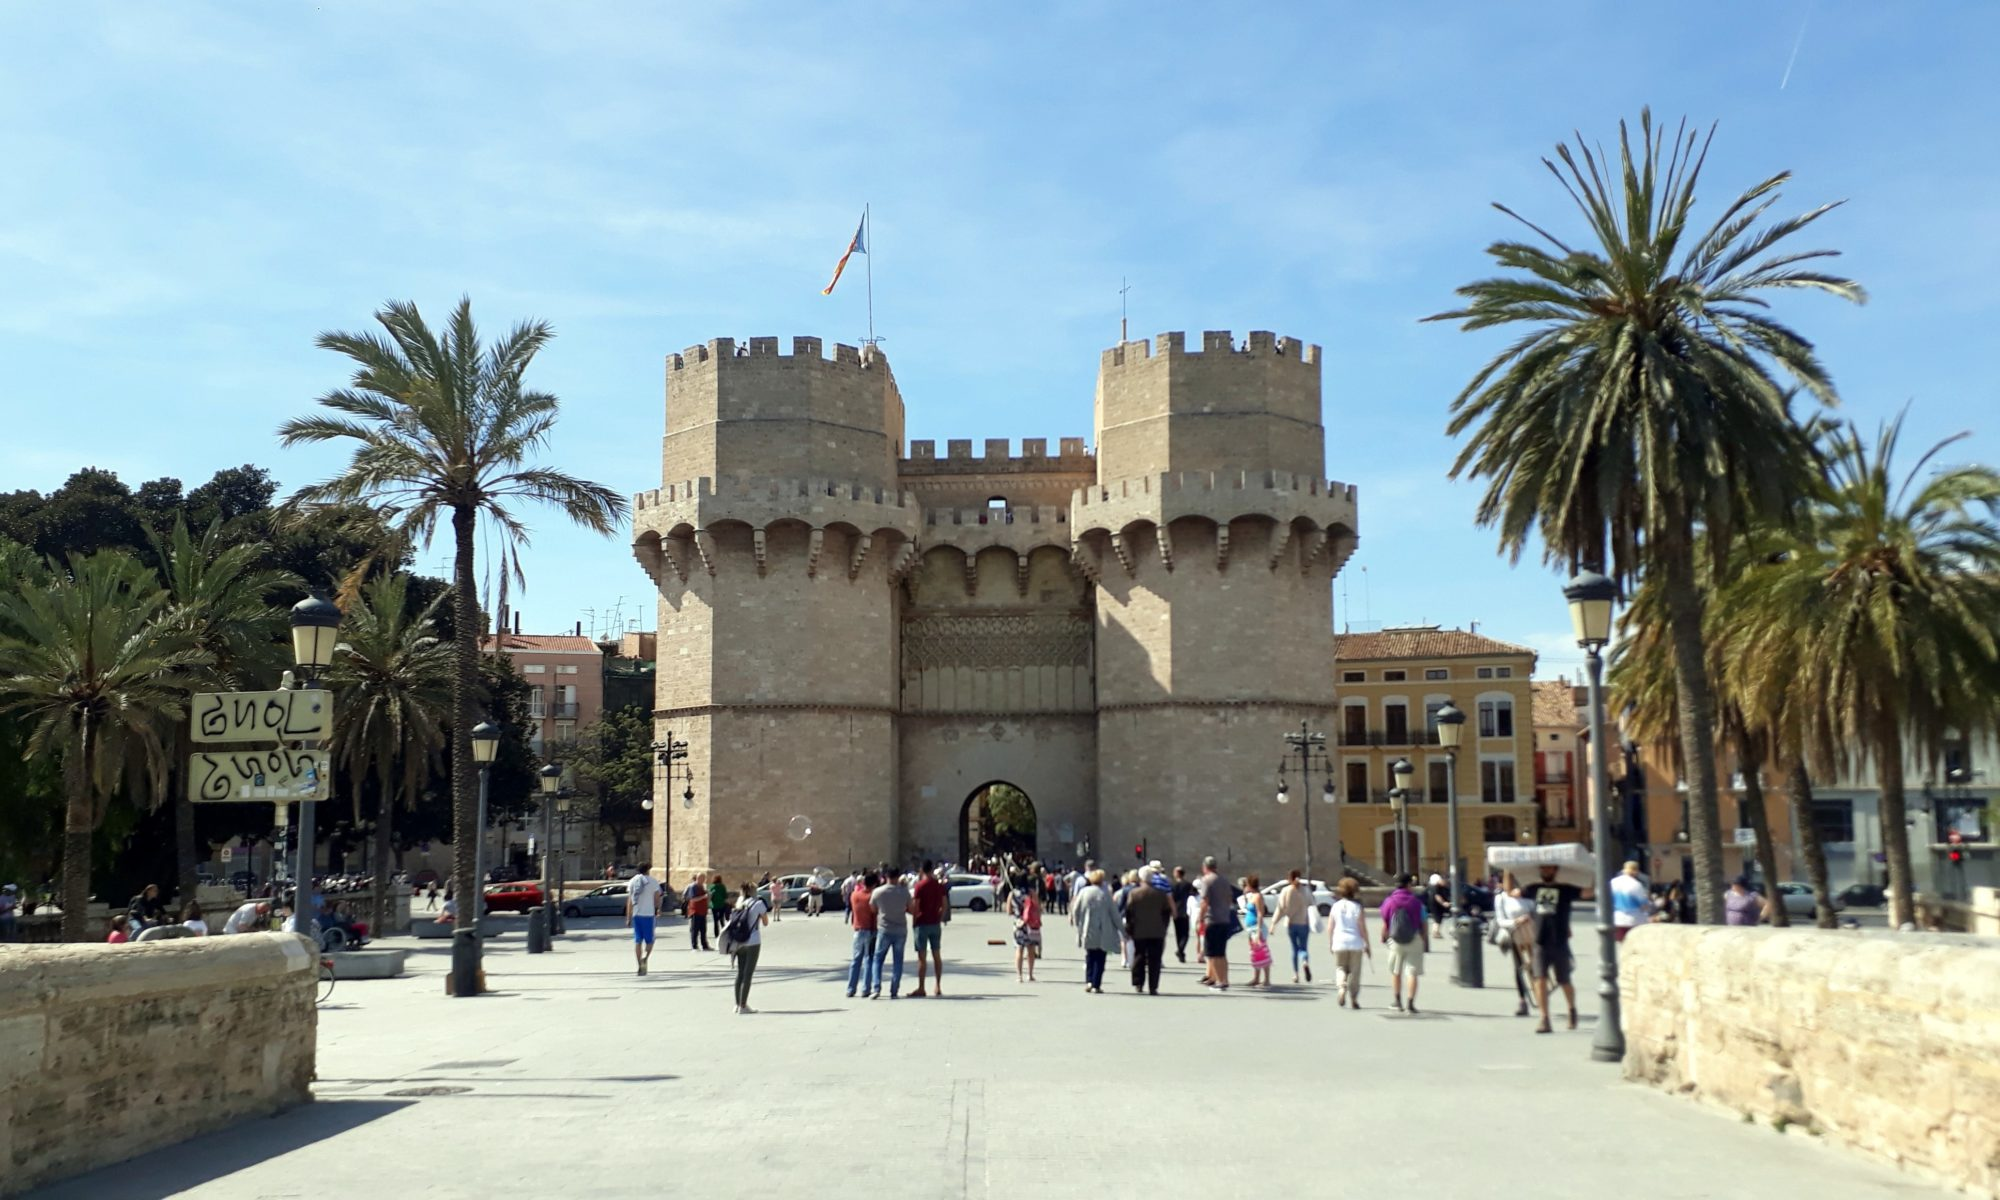 Tagesausflug nach Valencia: Sightseeing & Essen